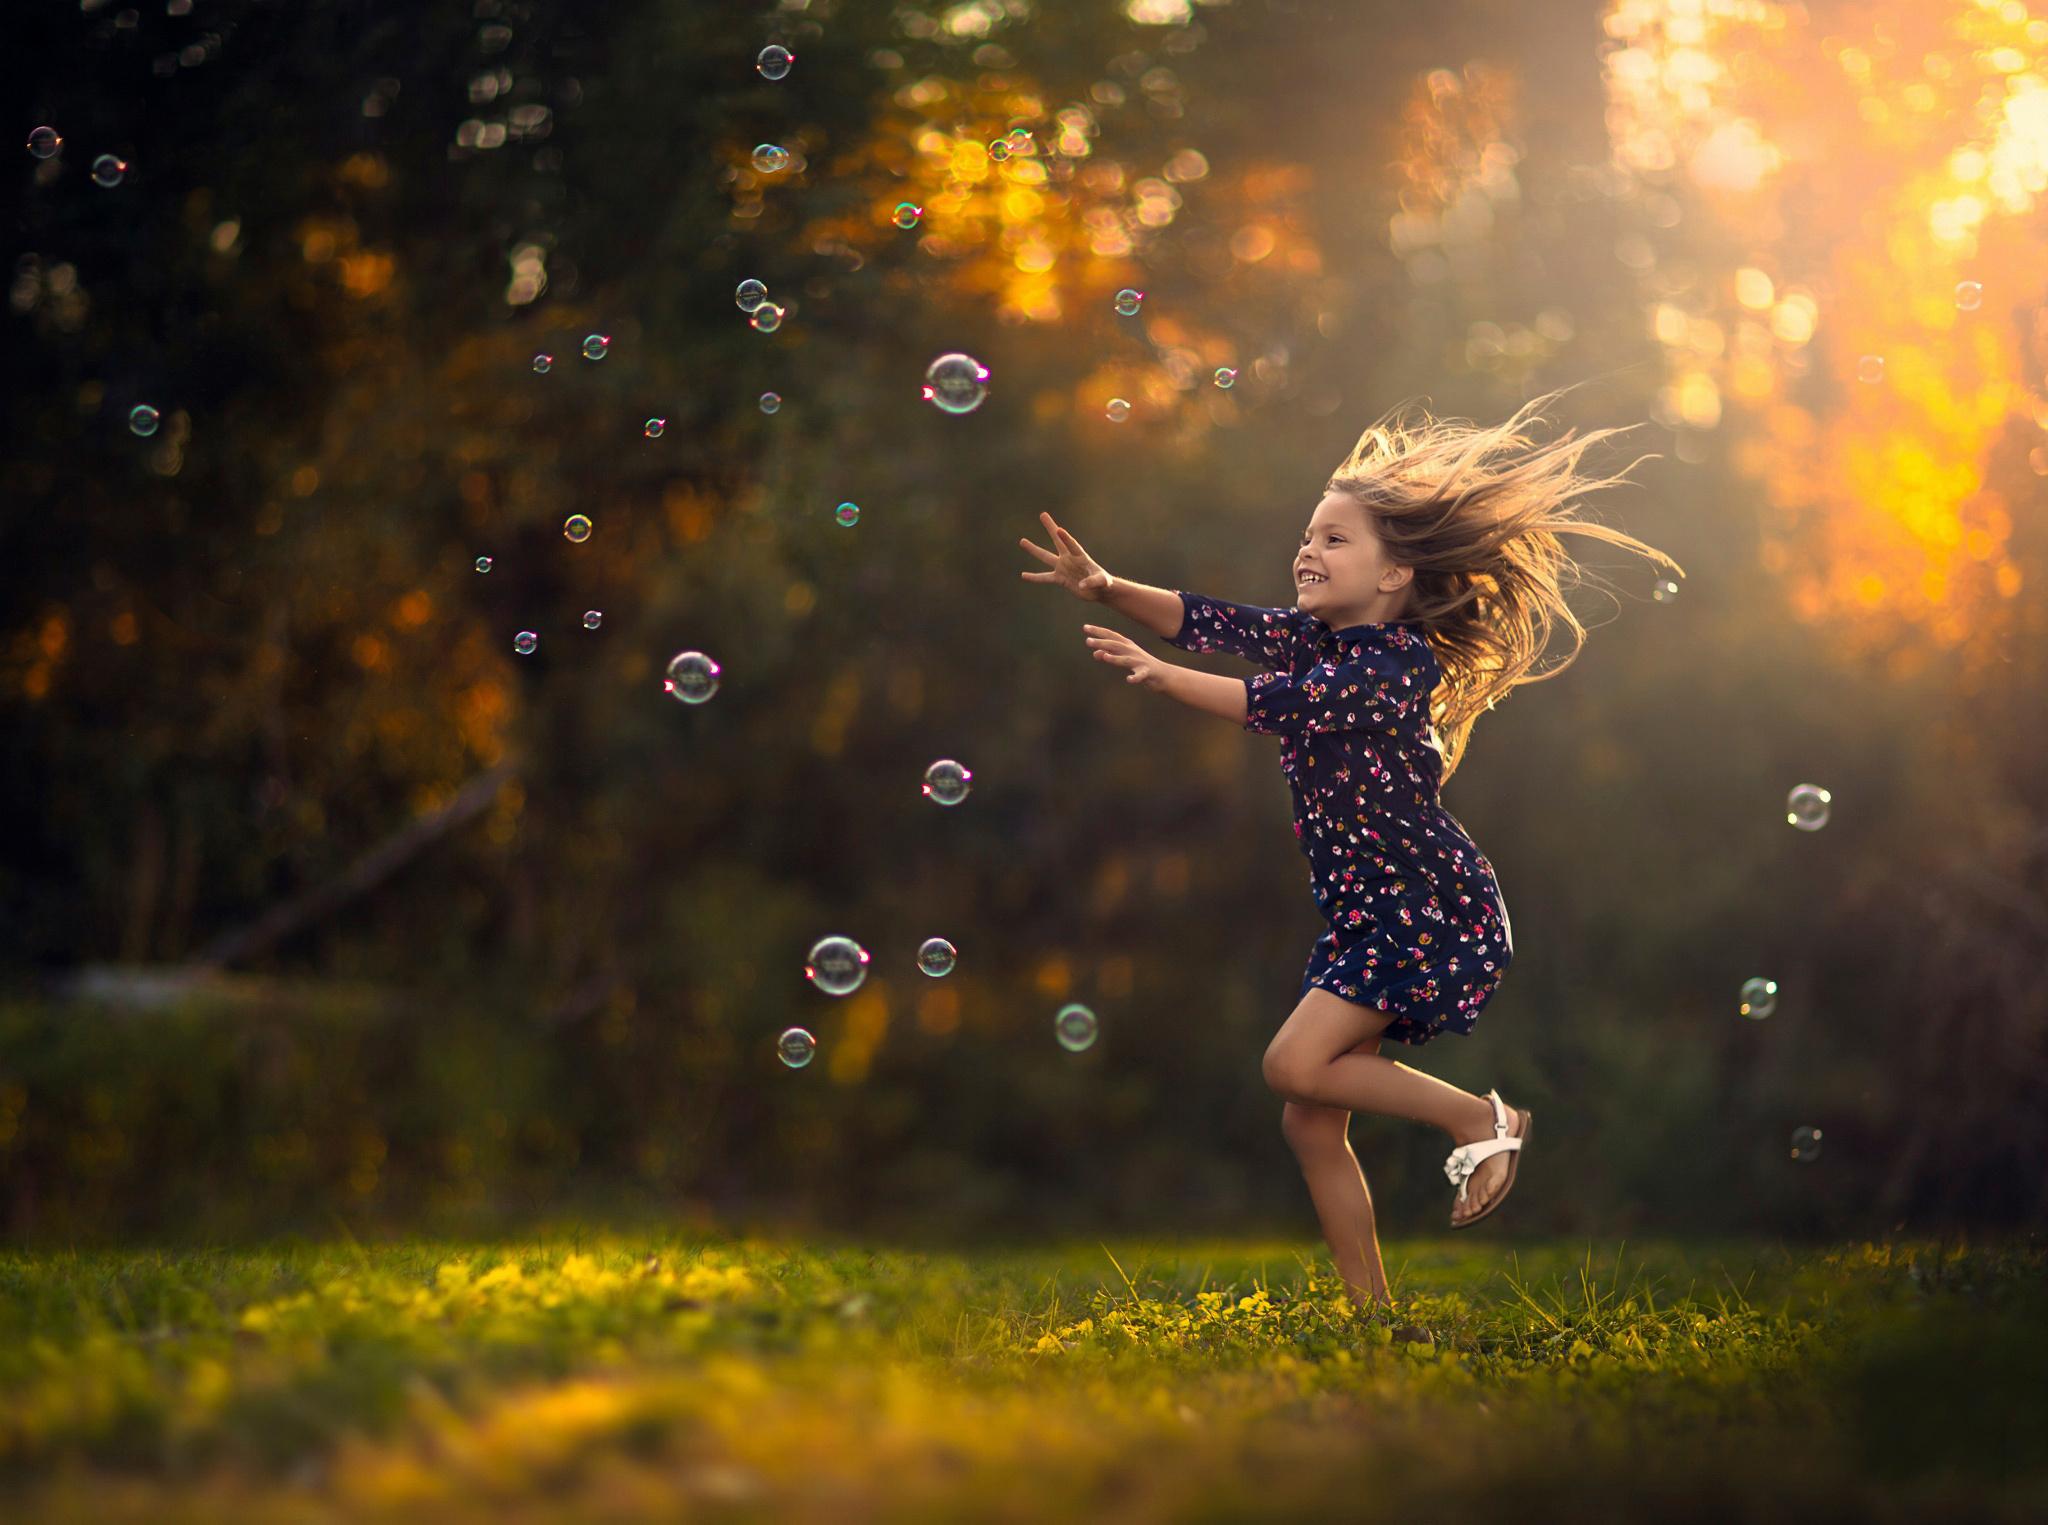 Картинки радостная девочка